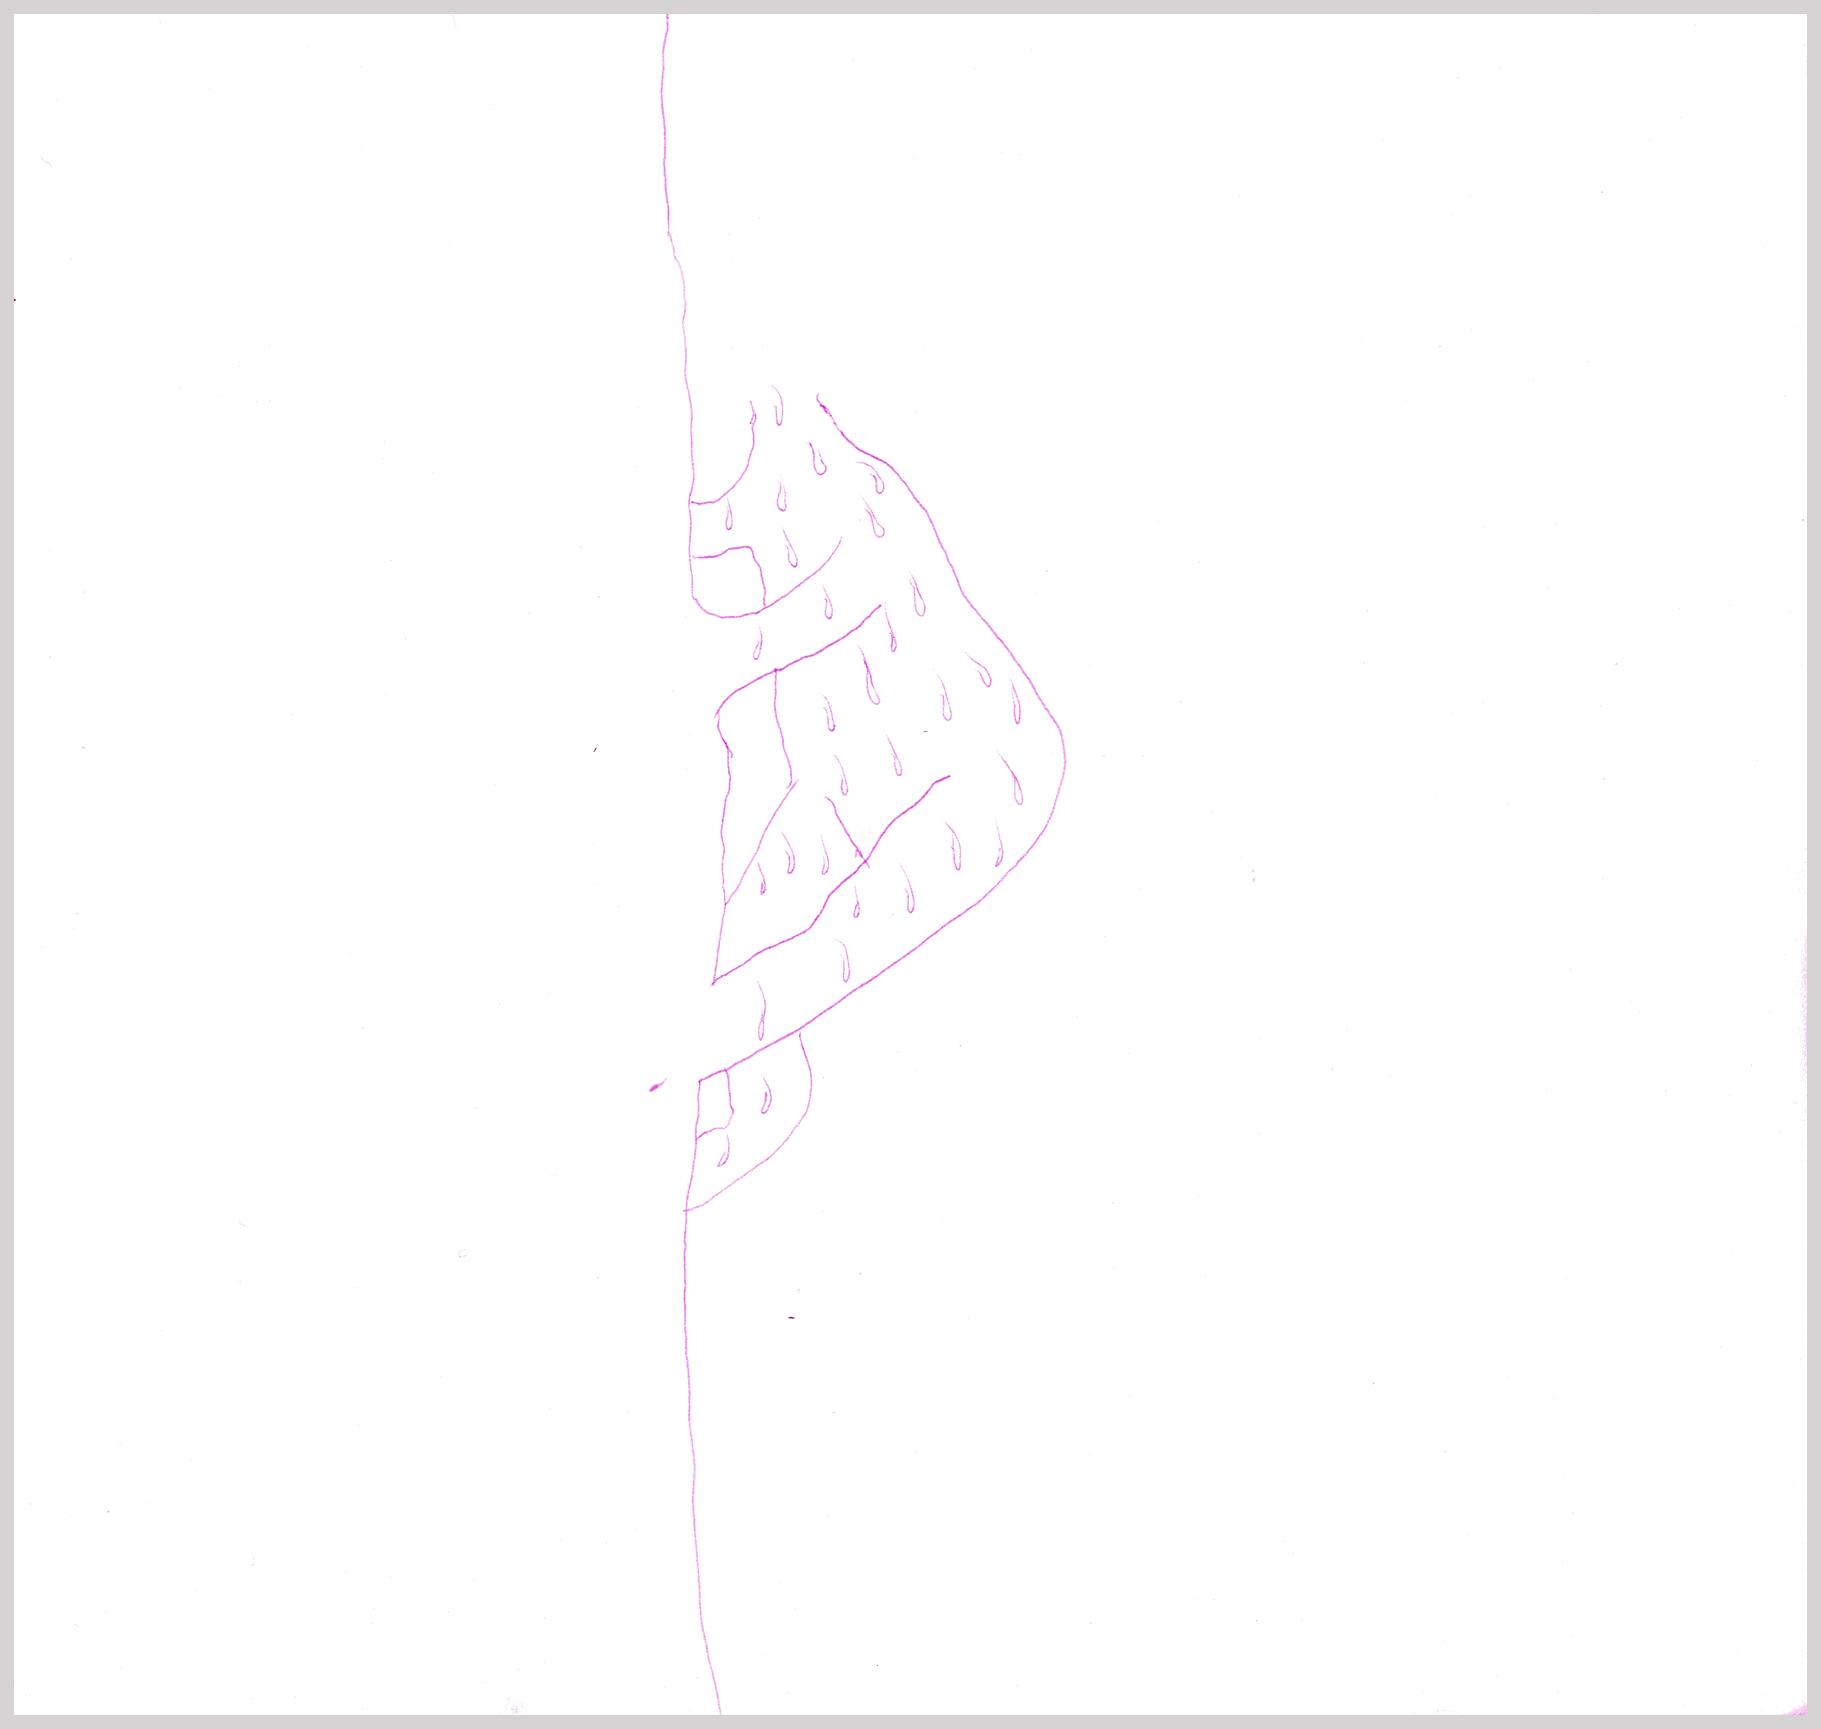 drawing B014.jpg